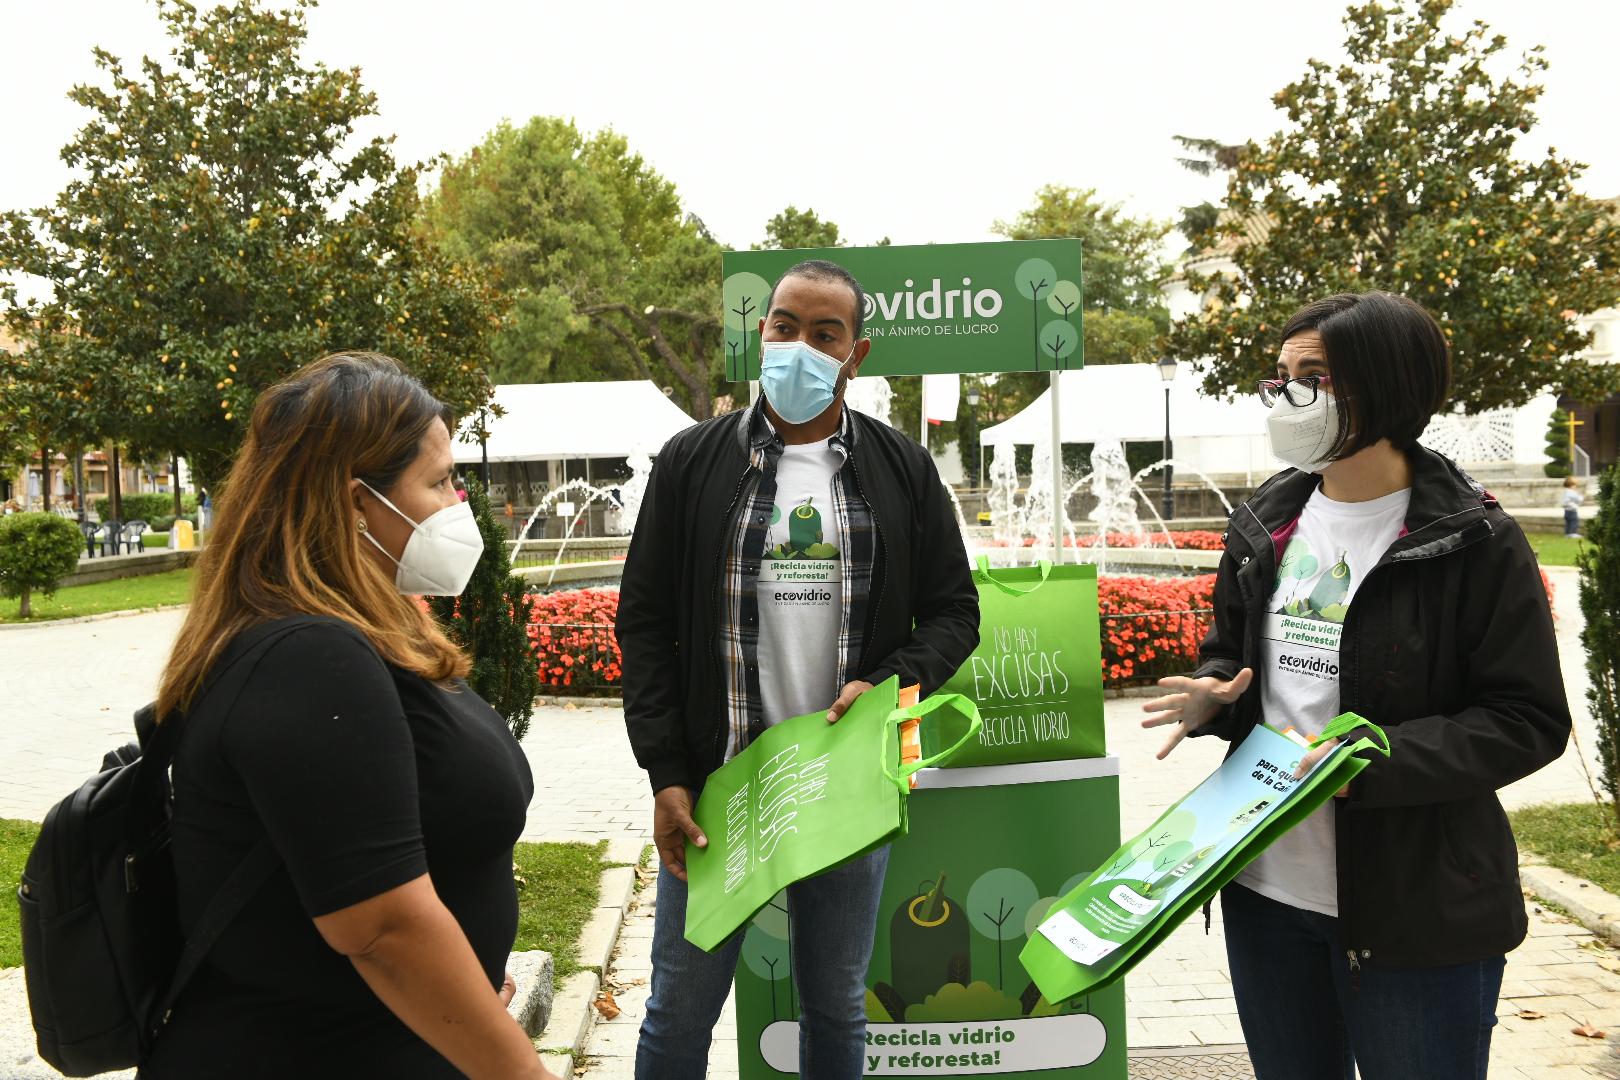 Los educadores de Ecovidrio informando a una vecina sobre la campaña..